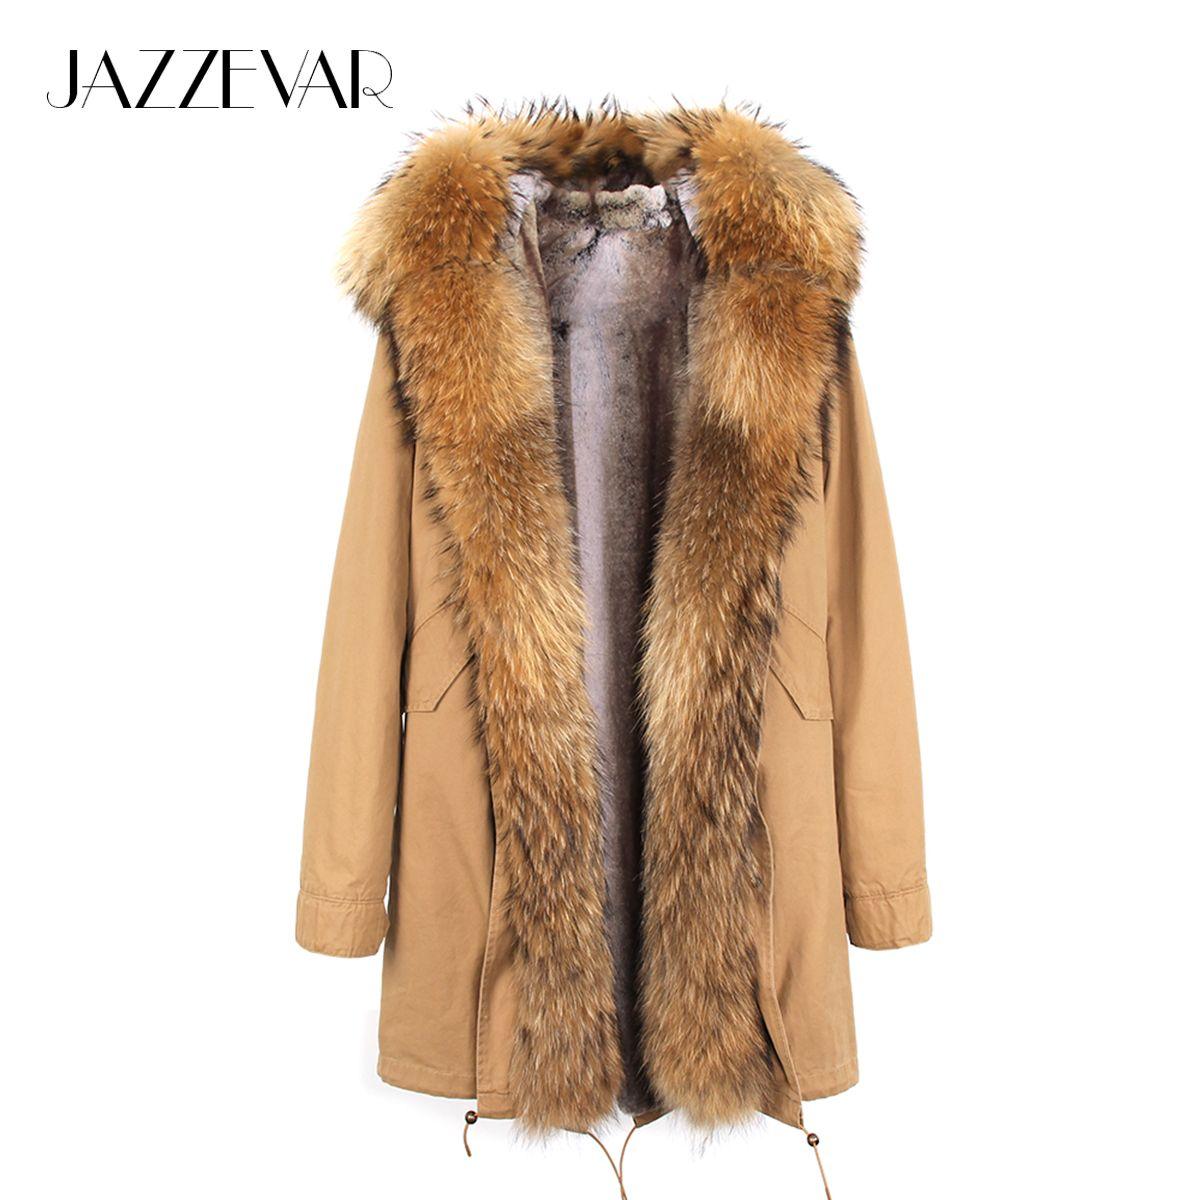 2019 neue Ankunft Pelz Parka Marke Lange Frauen Winter Mantel Echt Waschbären Pelz Jacke Luxus Große Abnehmbare Kragen Mit Kapuze Jacken